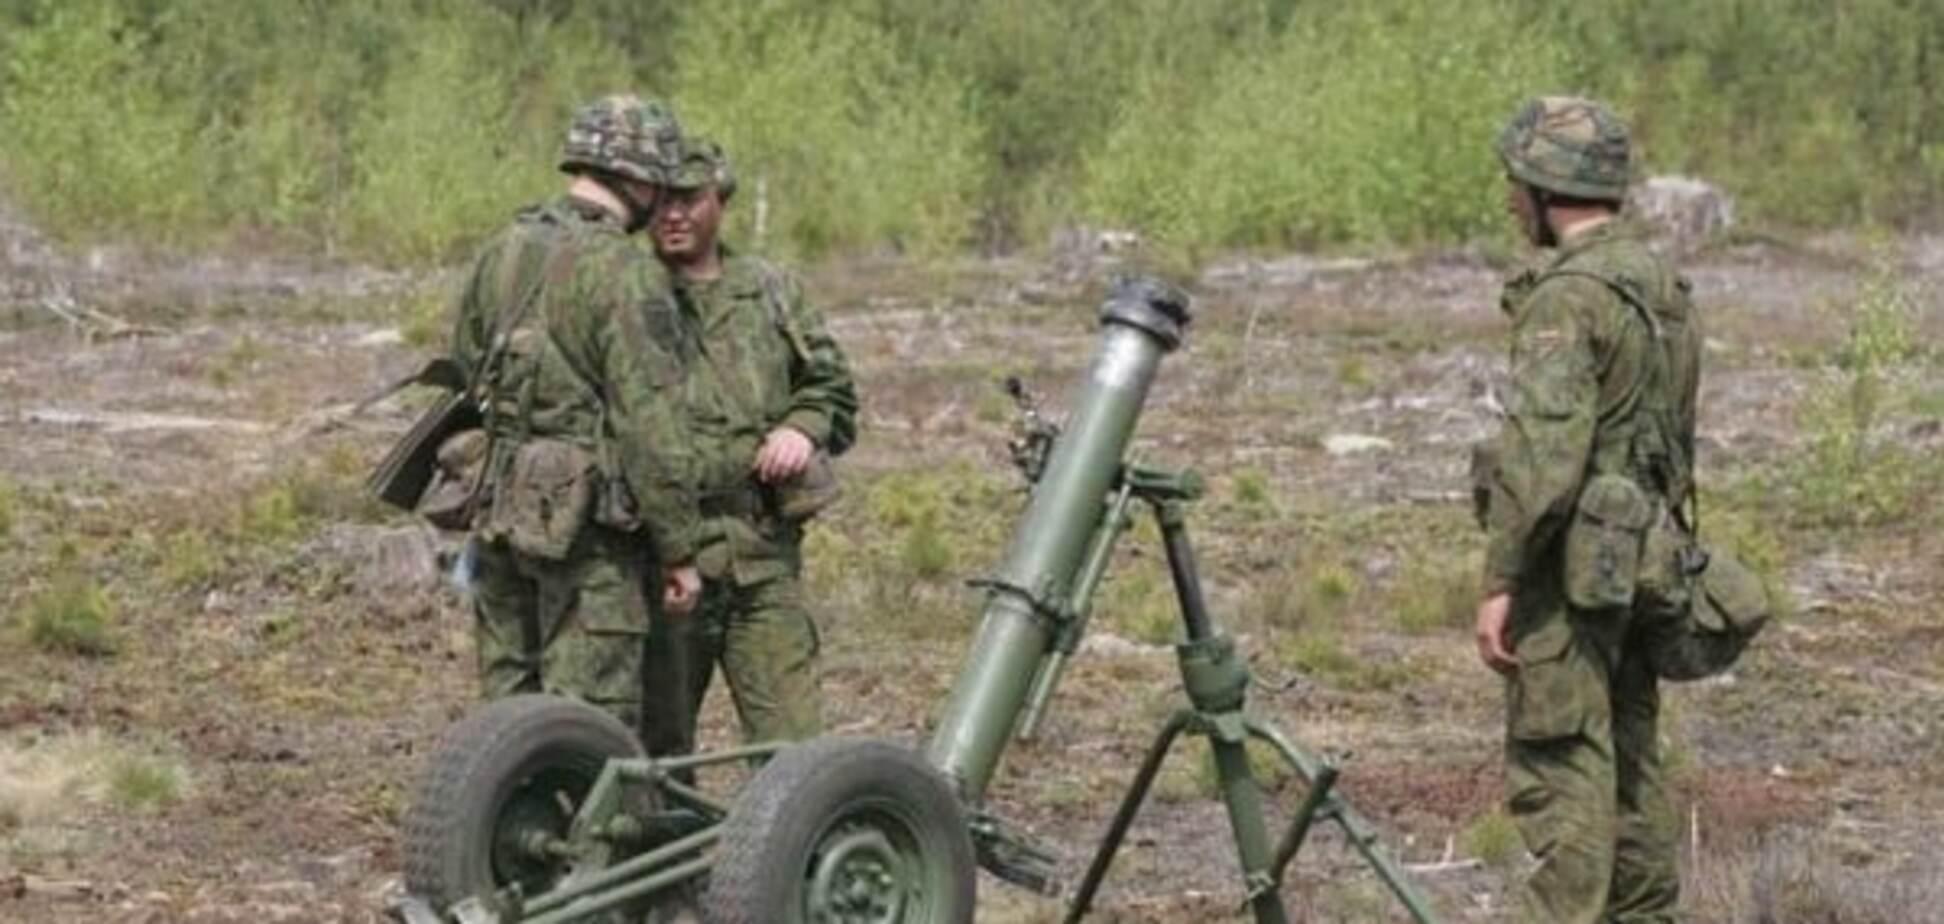 Напруга не спадає: бойовики обстріляли українських бійців з різної зброї